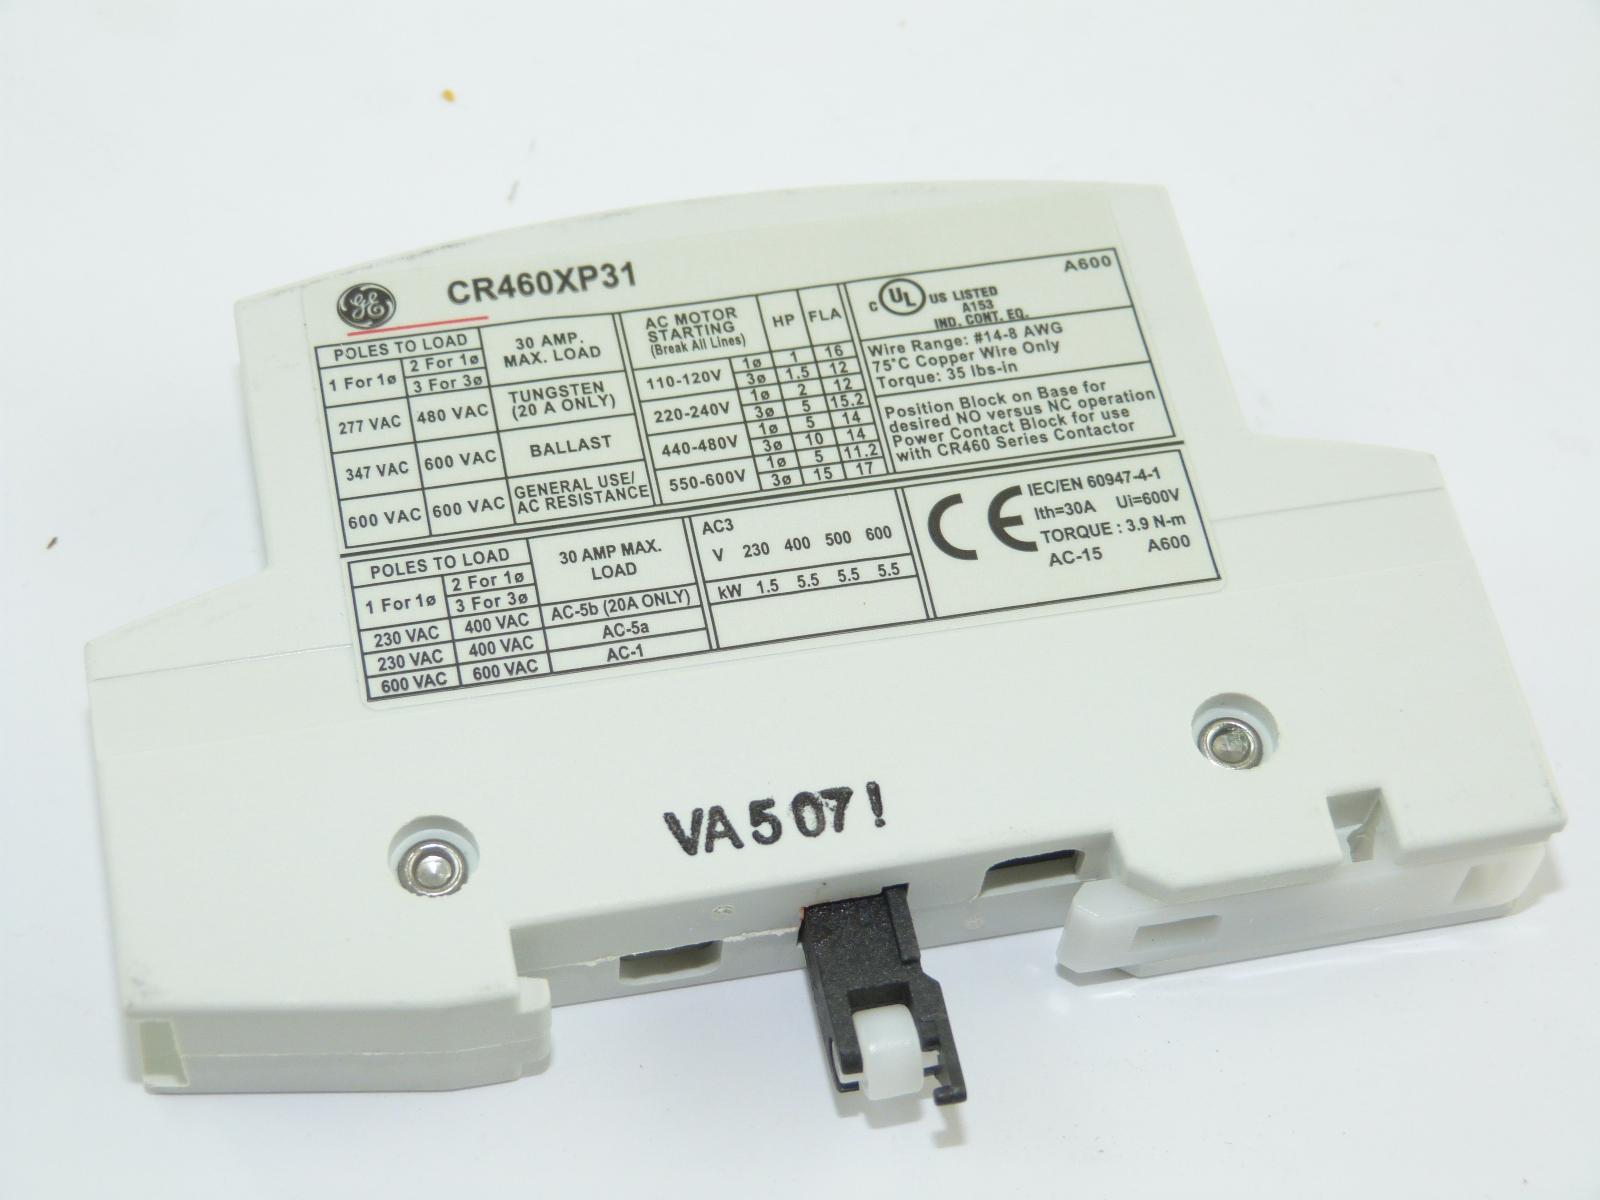 CR460XP31